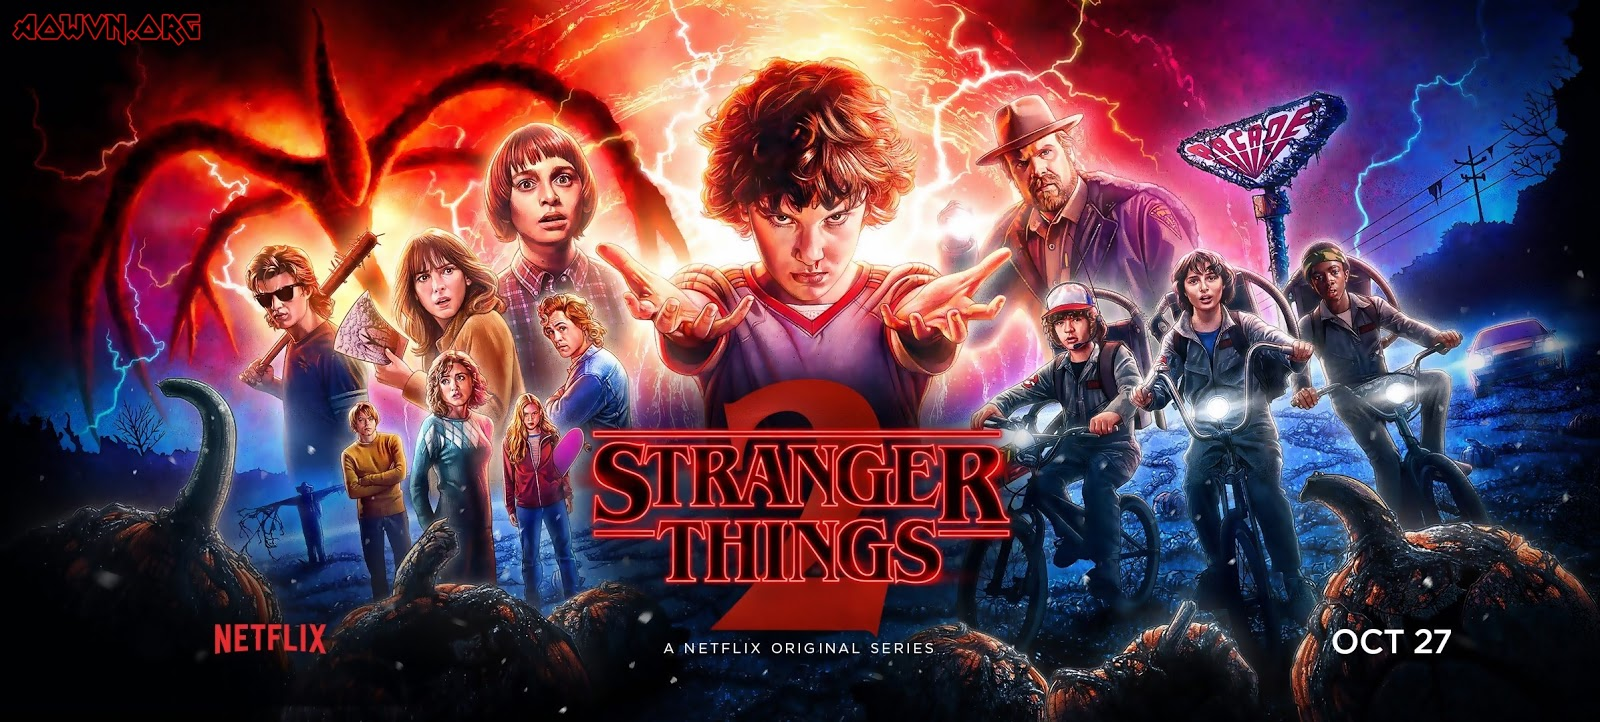 stranger things poster - [ Phim 3gp Mp4 ] Stranger Things SS1 + SS2 | Vietsub - Siêu phẩm Netflix - Kinh Dị - Viễn Tưởng